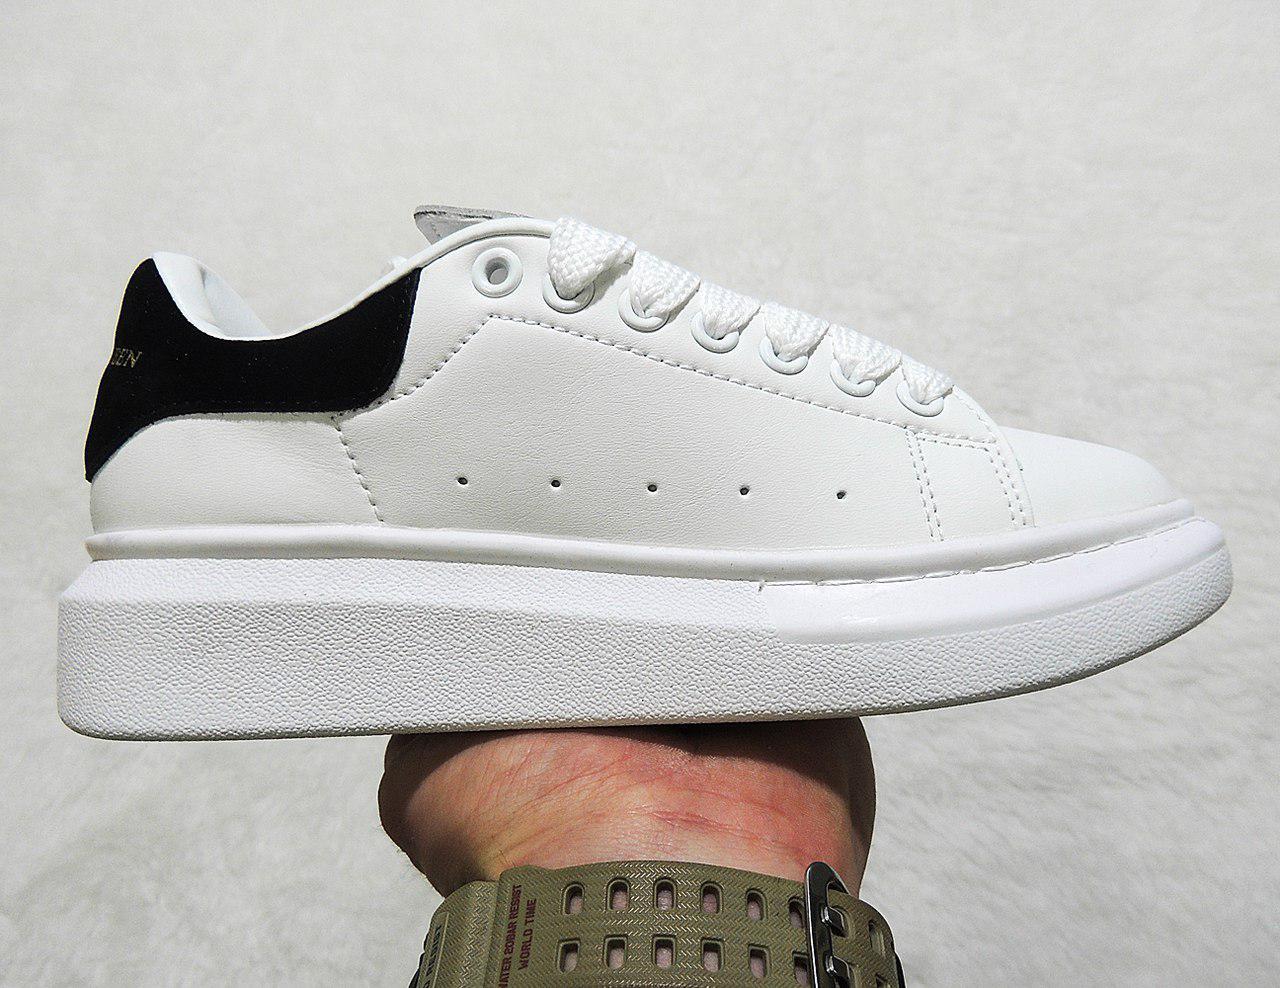 Женские кроссовки Adidas Alexander Mcqueen топ реплика - Интернет-магазин  обуви и одежды KedON в 5bdfbb7839bf7